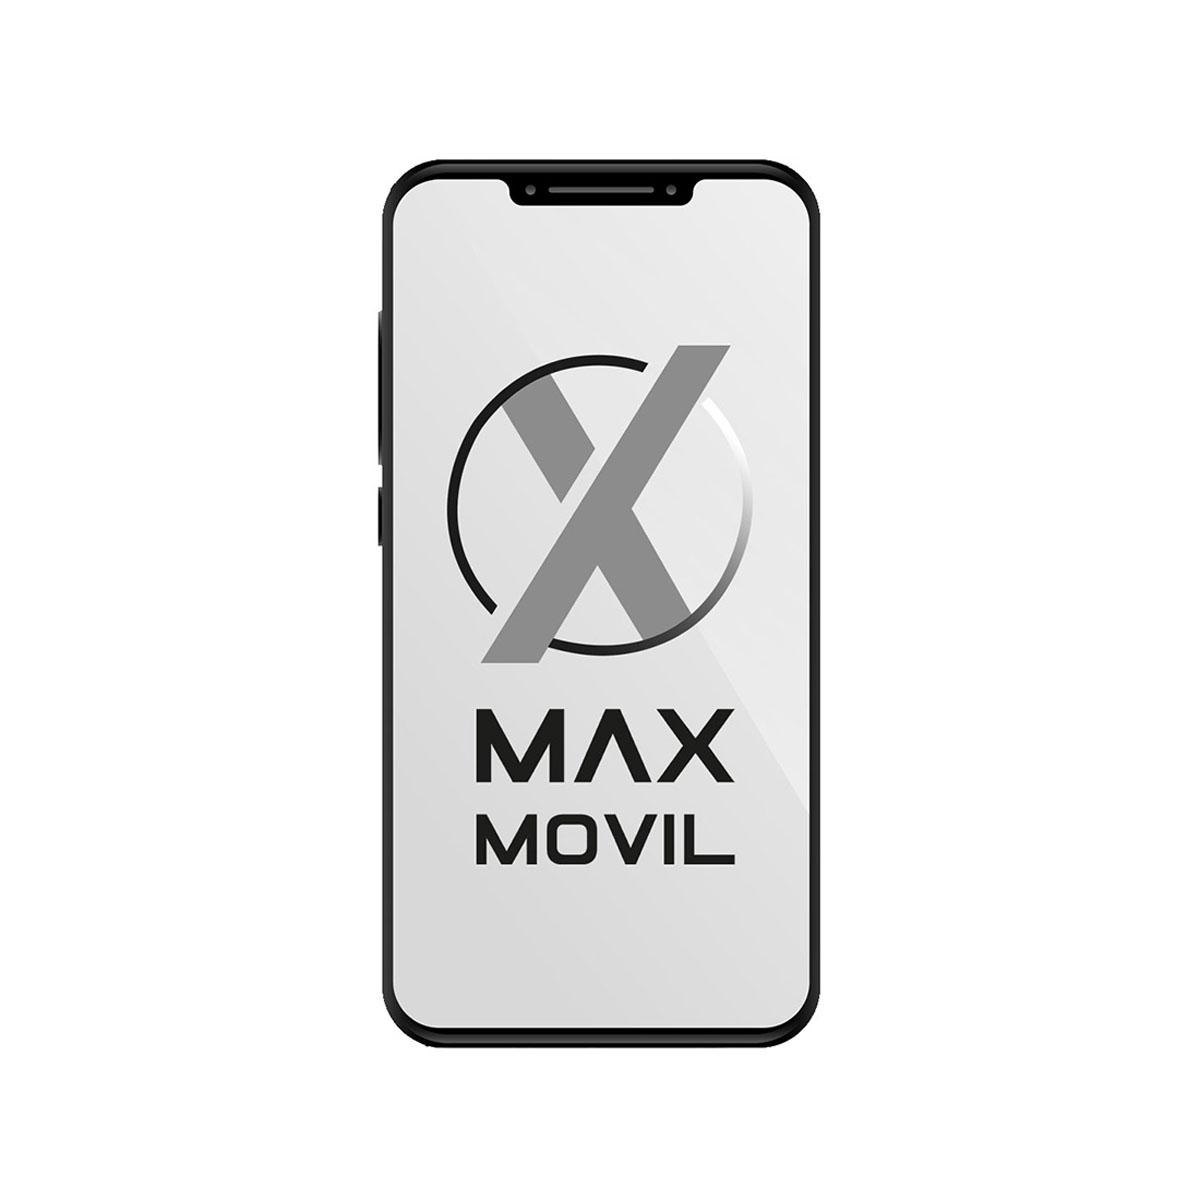 Samsung Galaxy J7 2016 Blanco Single SIM libre en MAXmovil